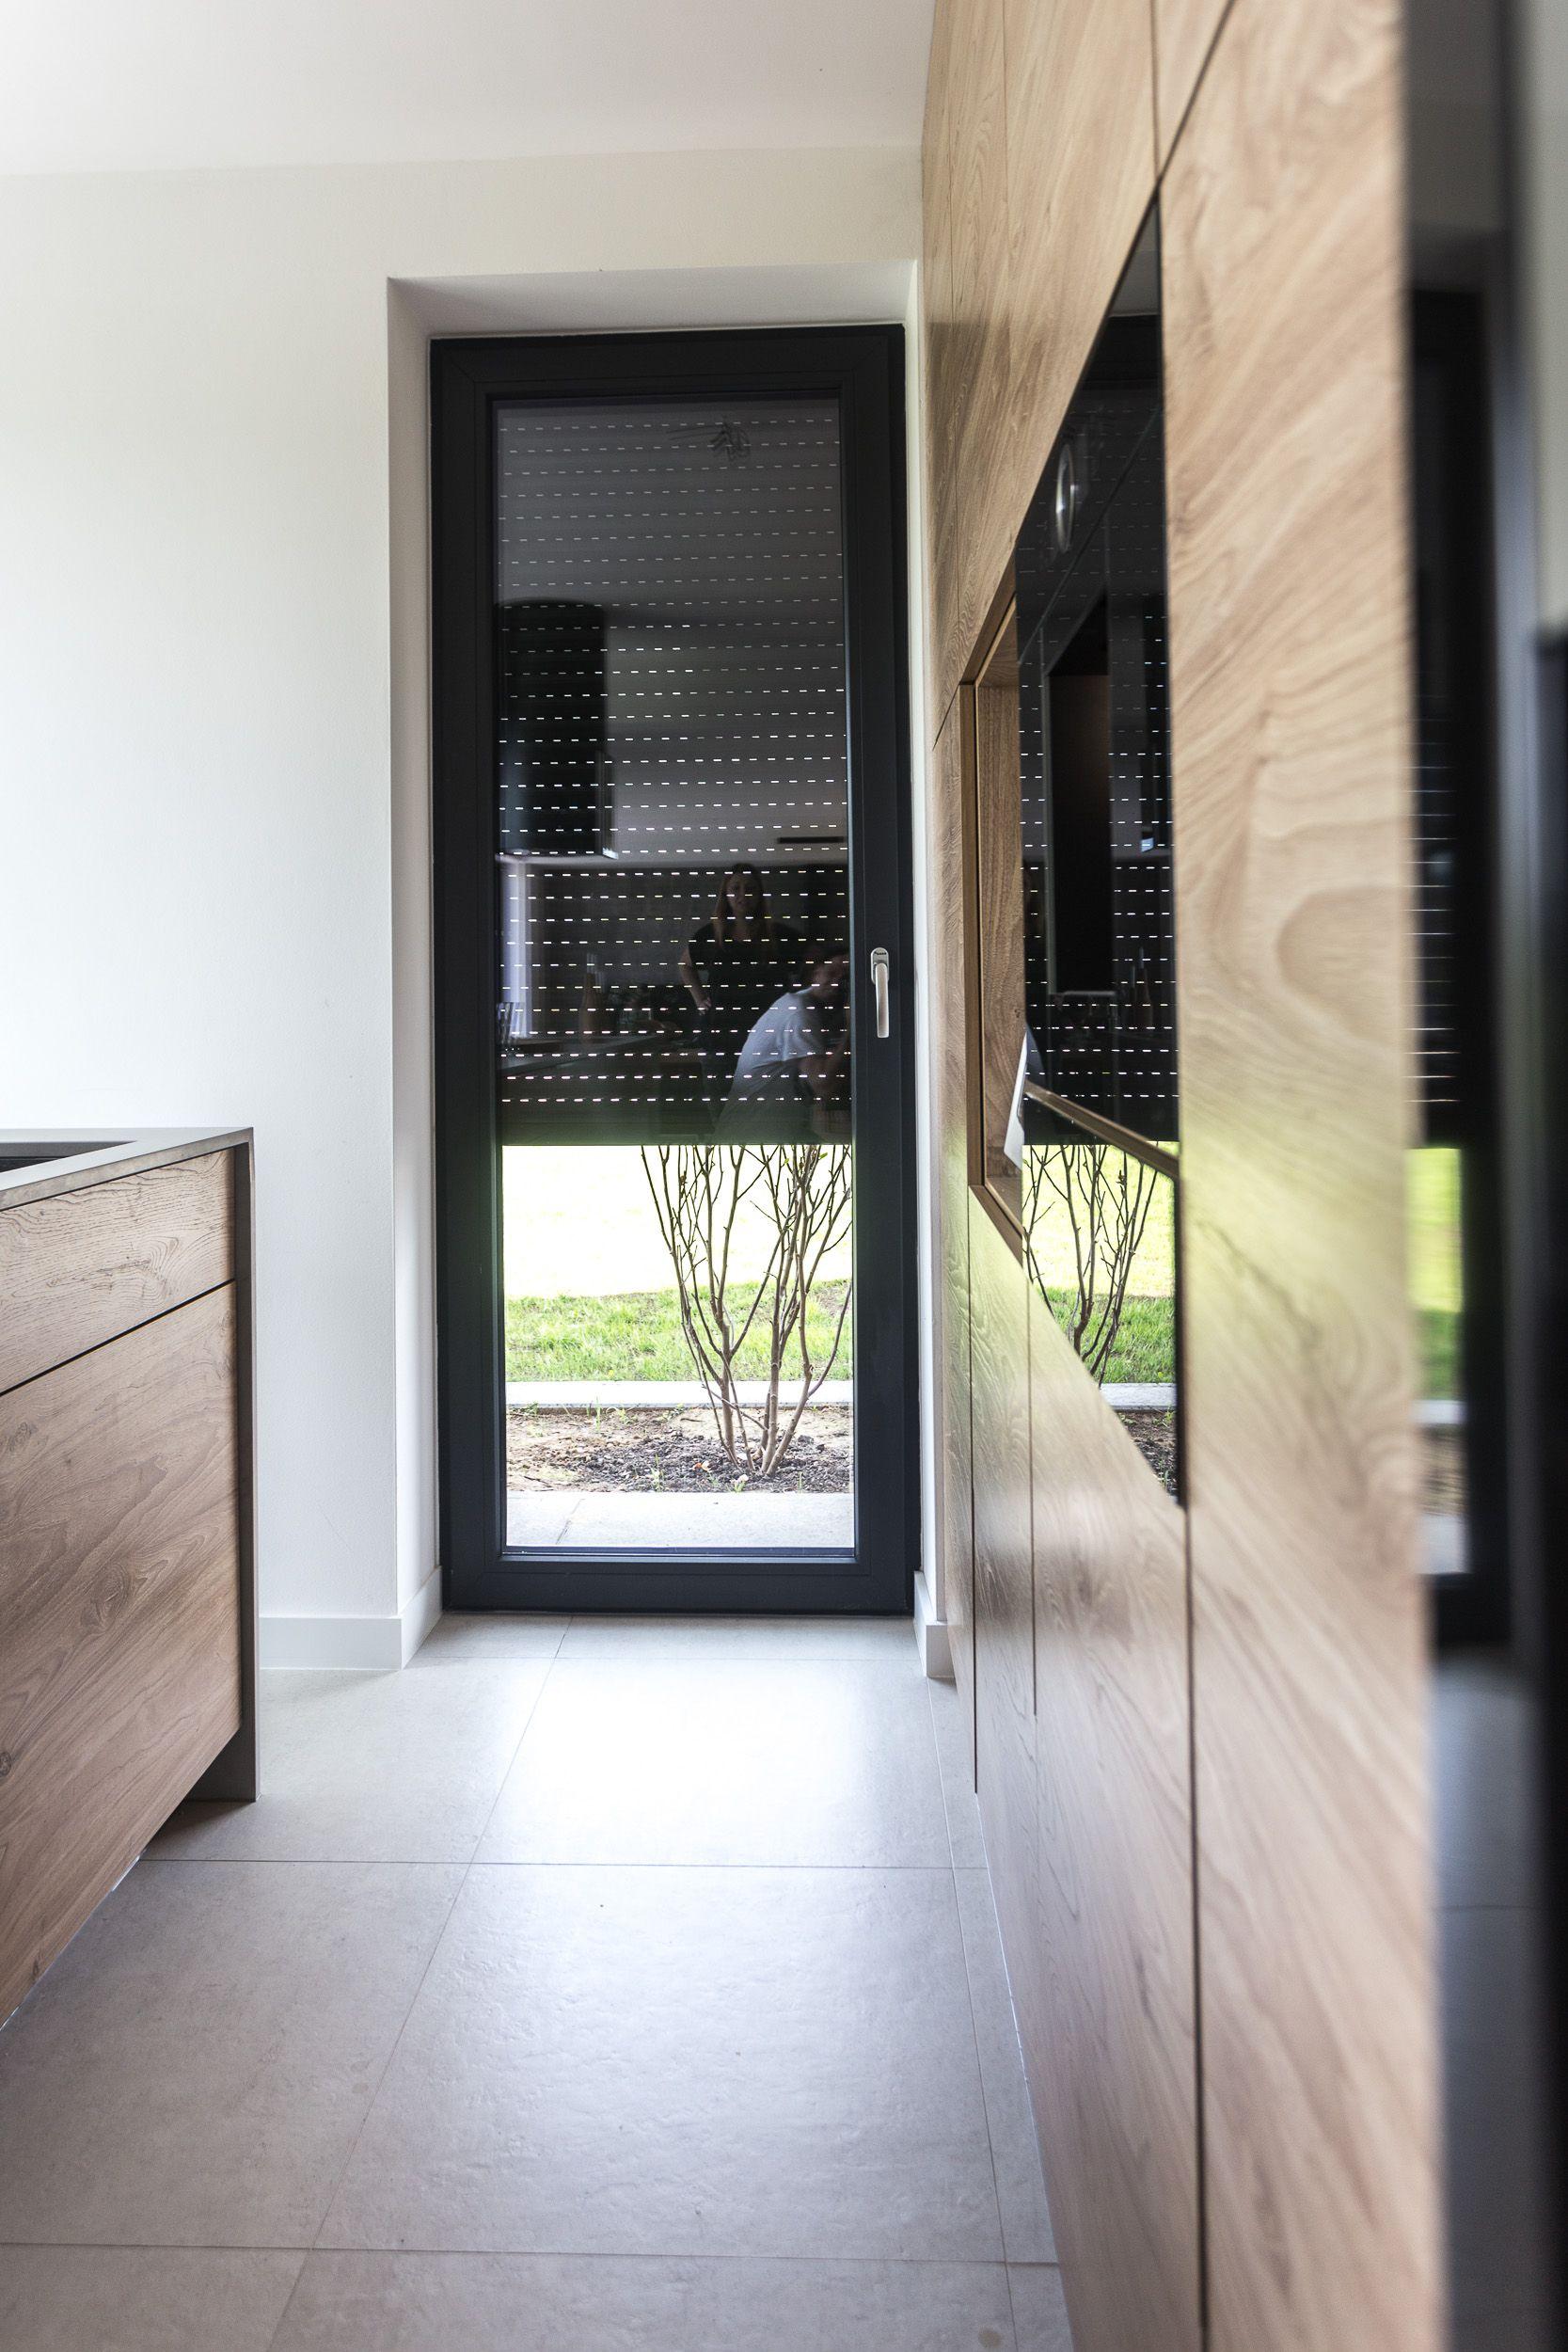 Pin On Realizacja Dom Szare Okna I Drewniane Wykonczenia Projekt Indywidualny